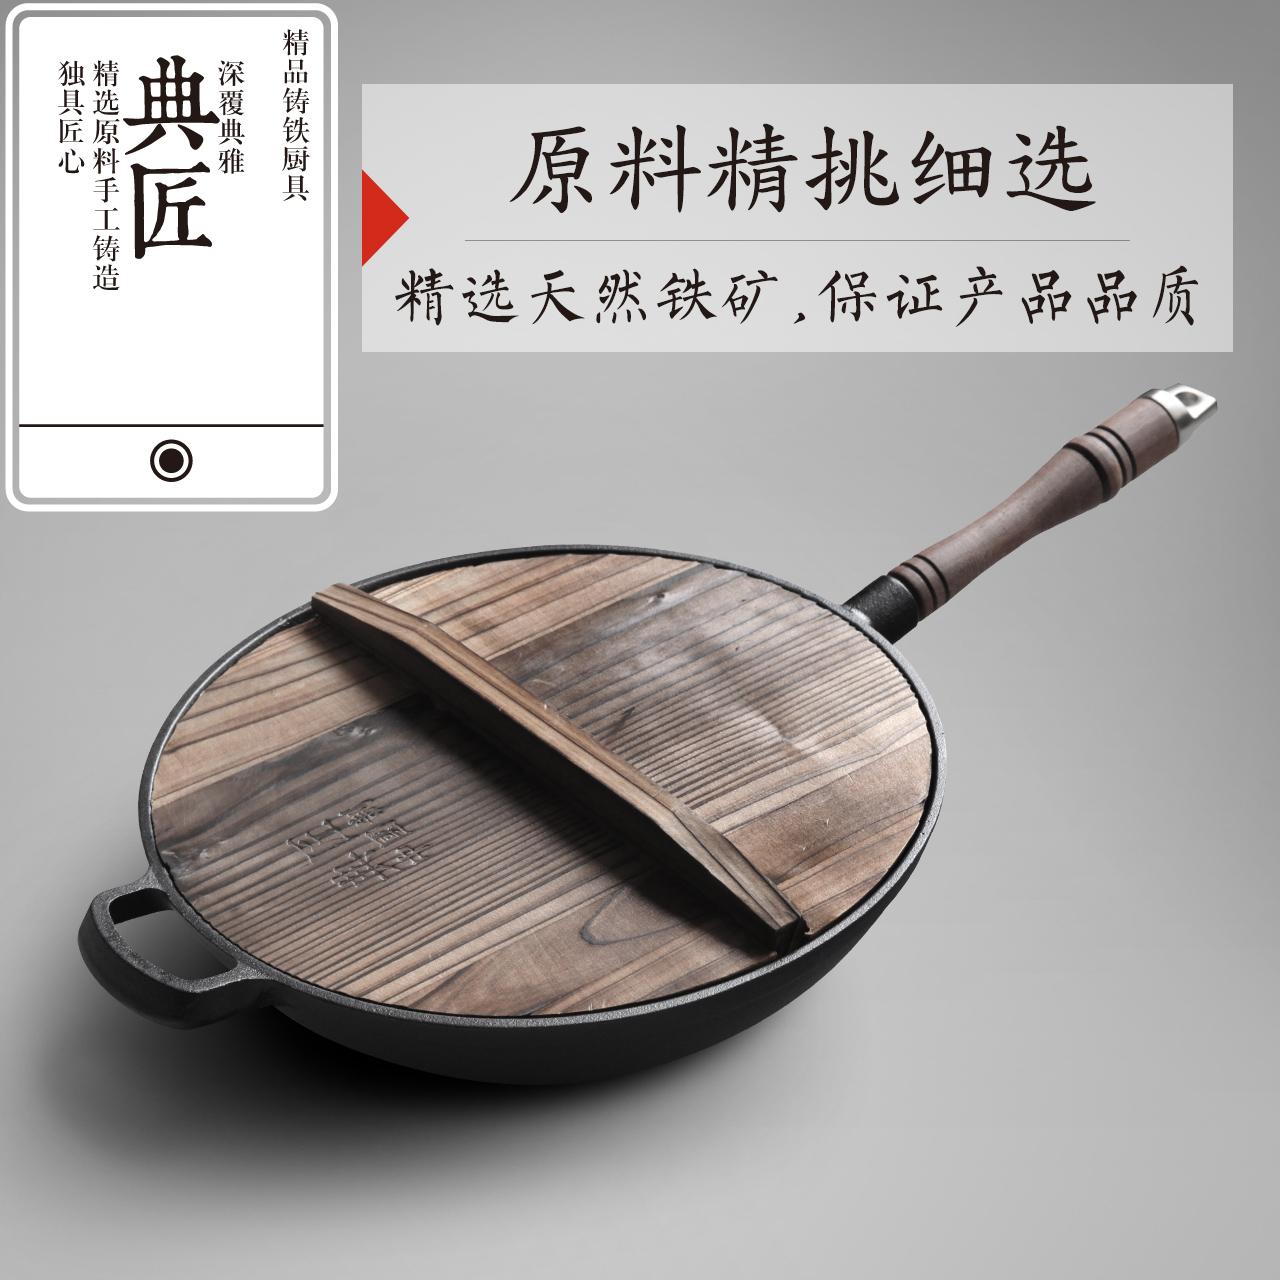 典匠生铁铸铁炒锅30cm圆底铁加厚锅家用老式炒菜锅无涂层不粘锅